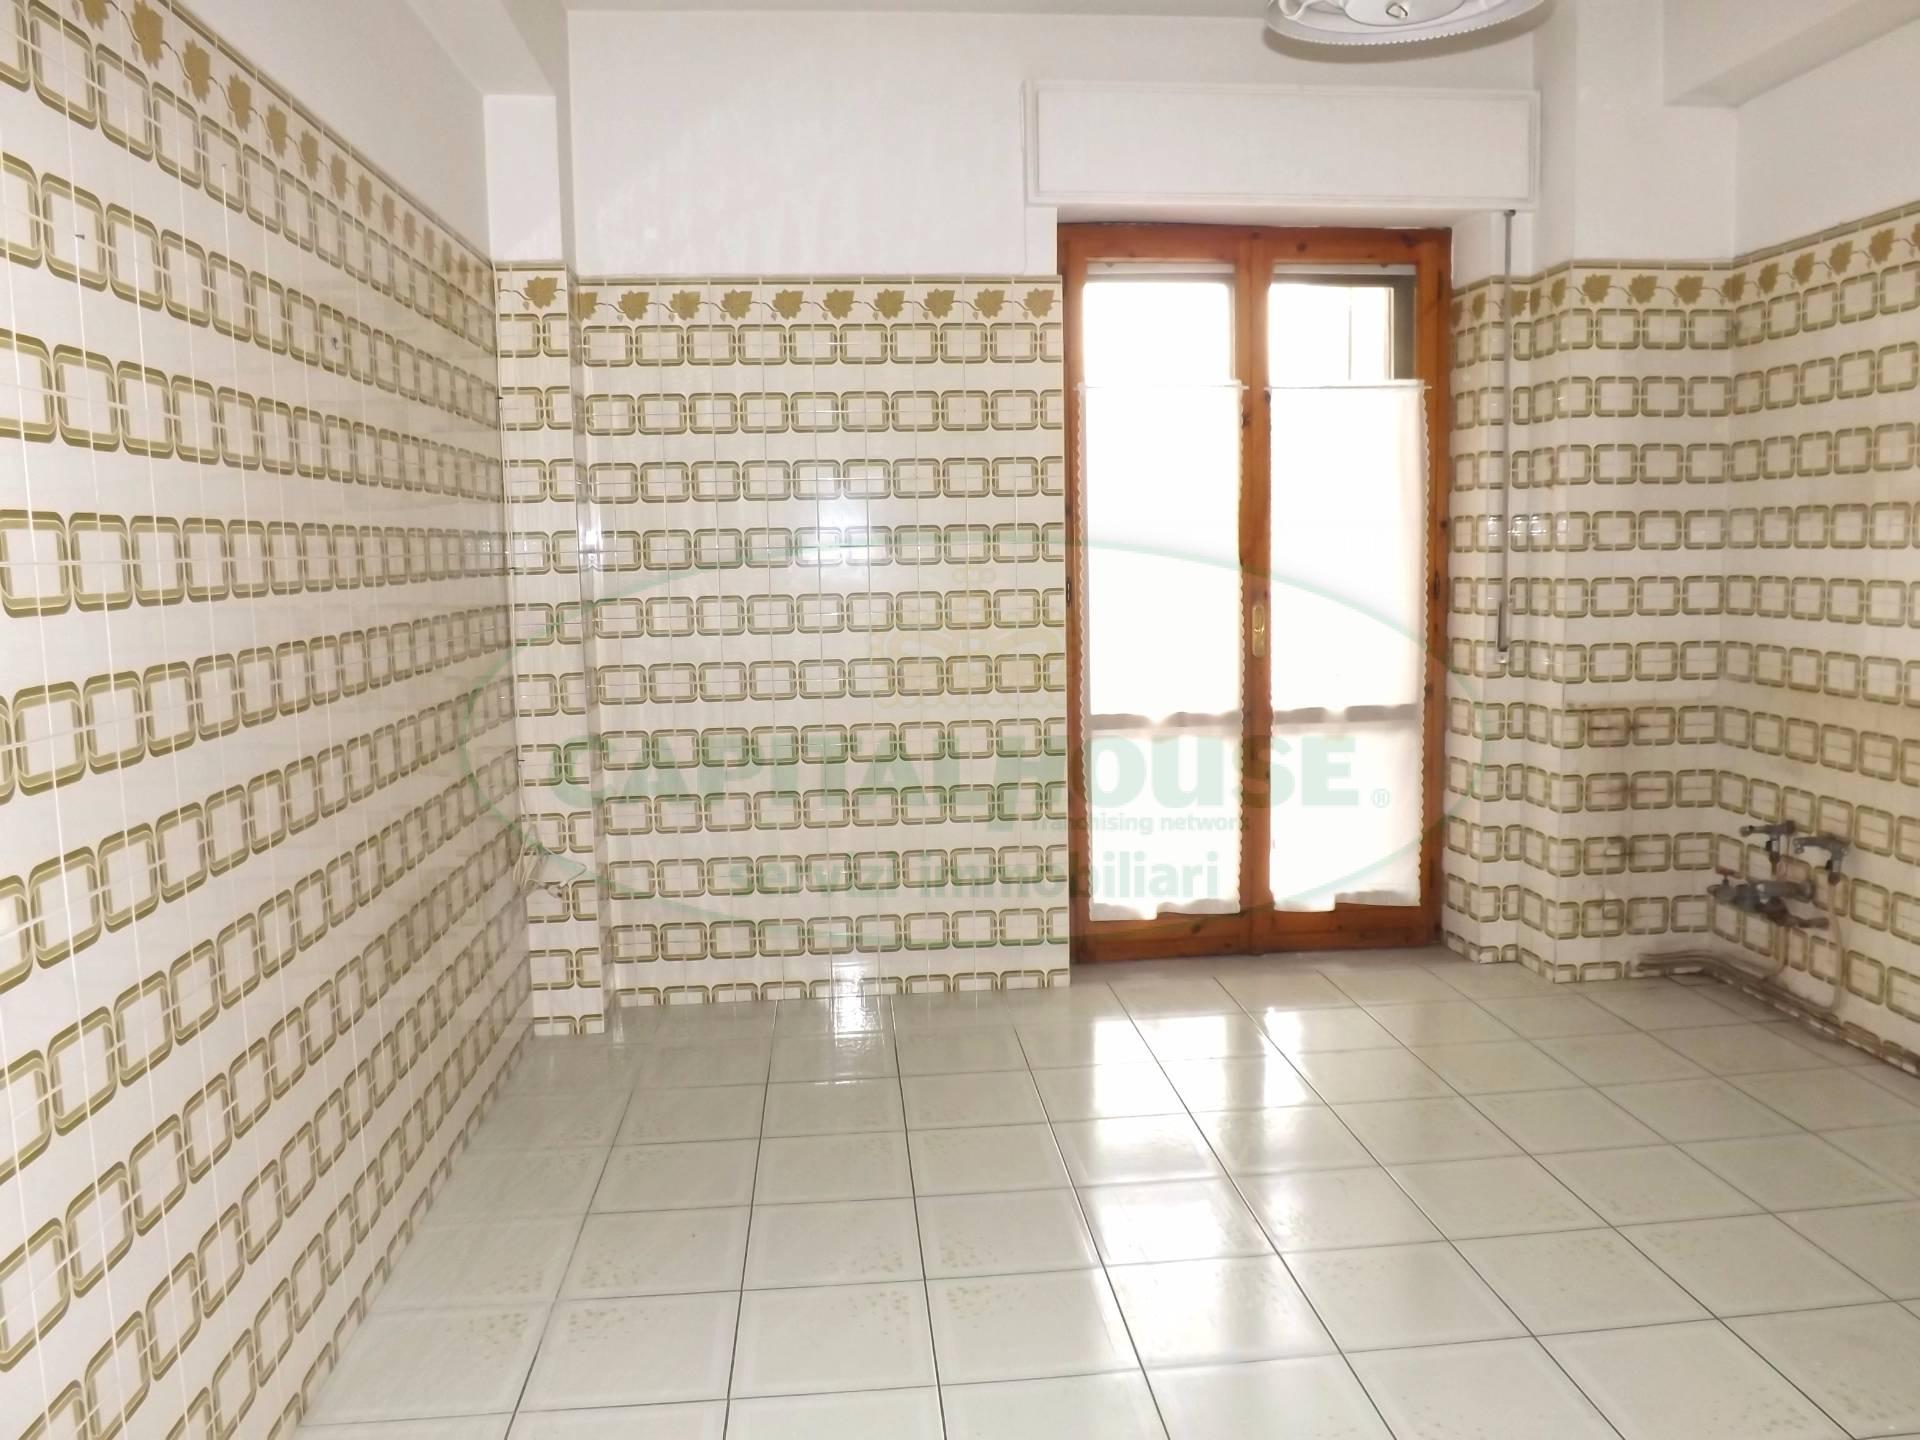 Appartamento in affitto a Aiello del Sabato, 4 locali, prezzo € 400 | Cambio Casa.it